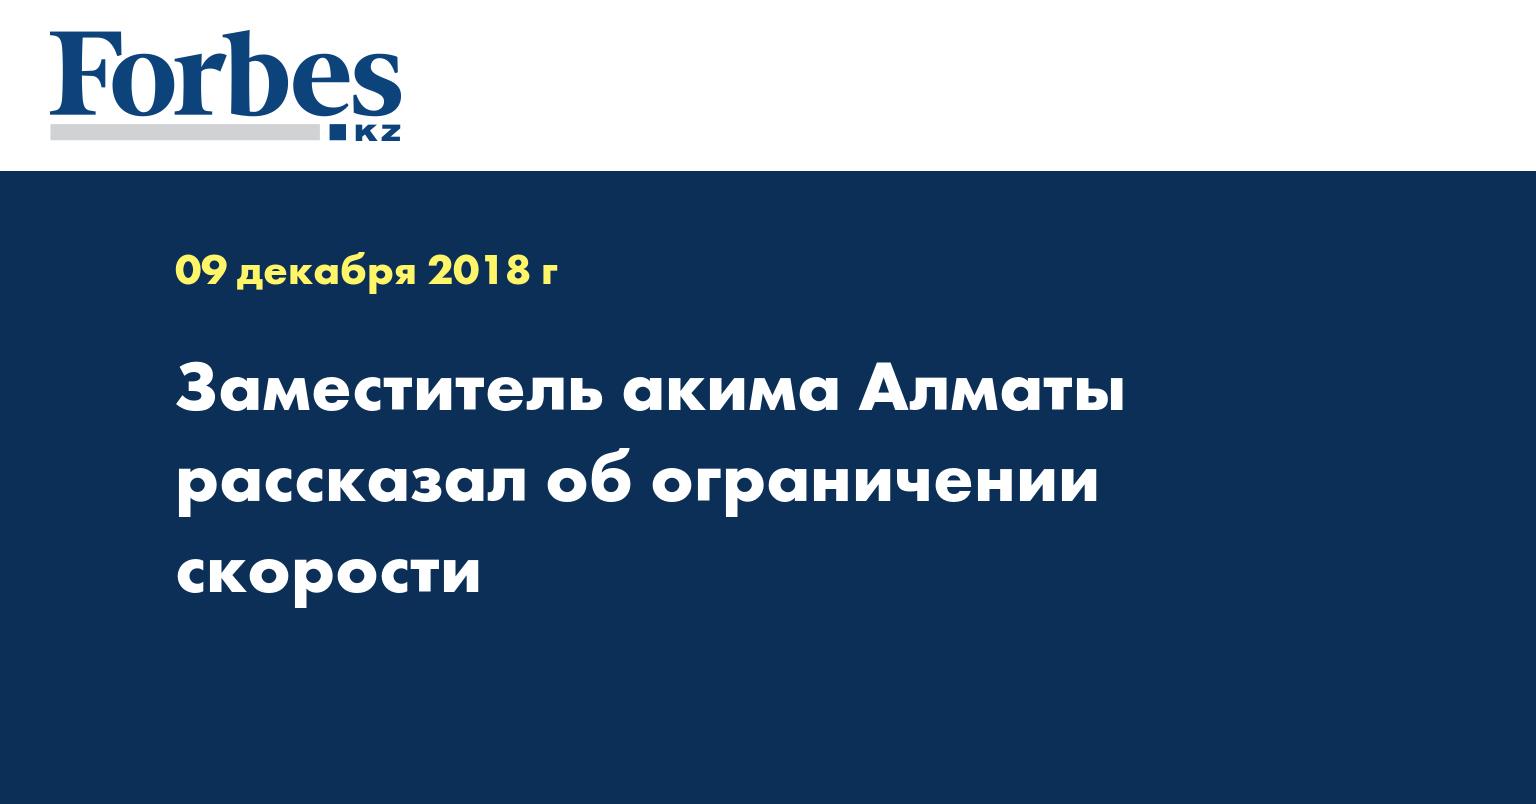 Заместитель акима Алматы рассказал об ограничении скорости